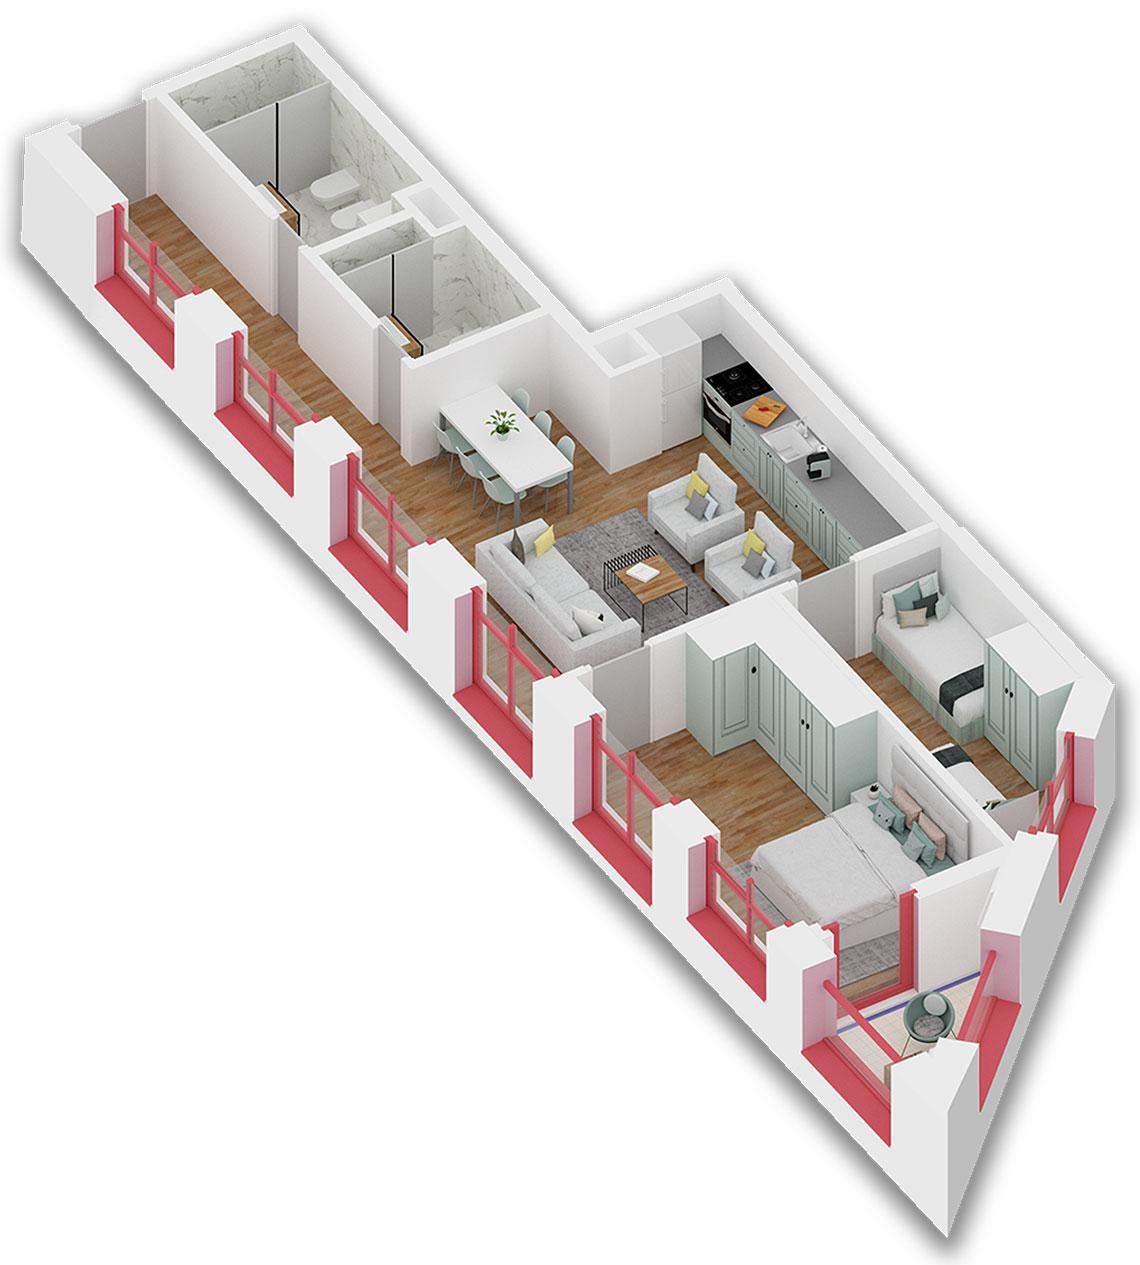 Apartament 2+1 në shitje në Tiranë - Mangalem 21 Shkalla 24 Kati 6